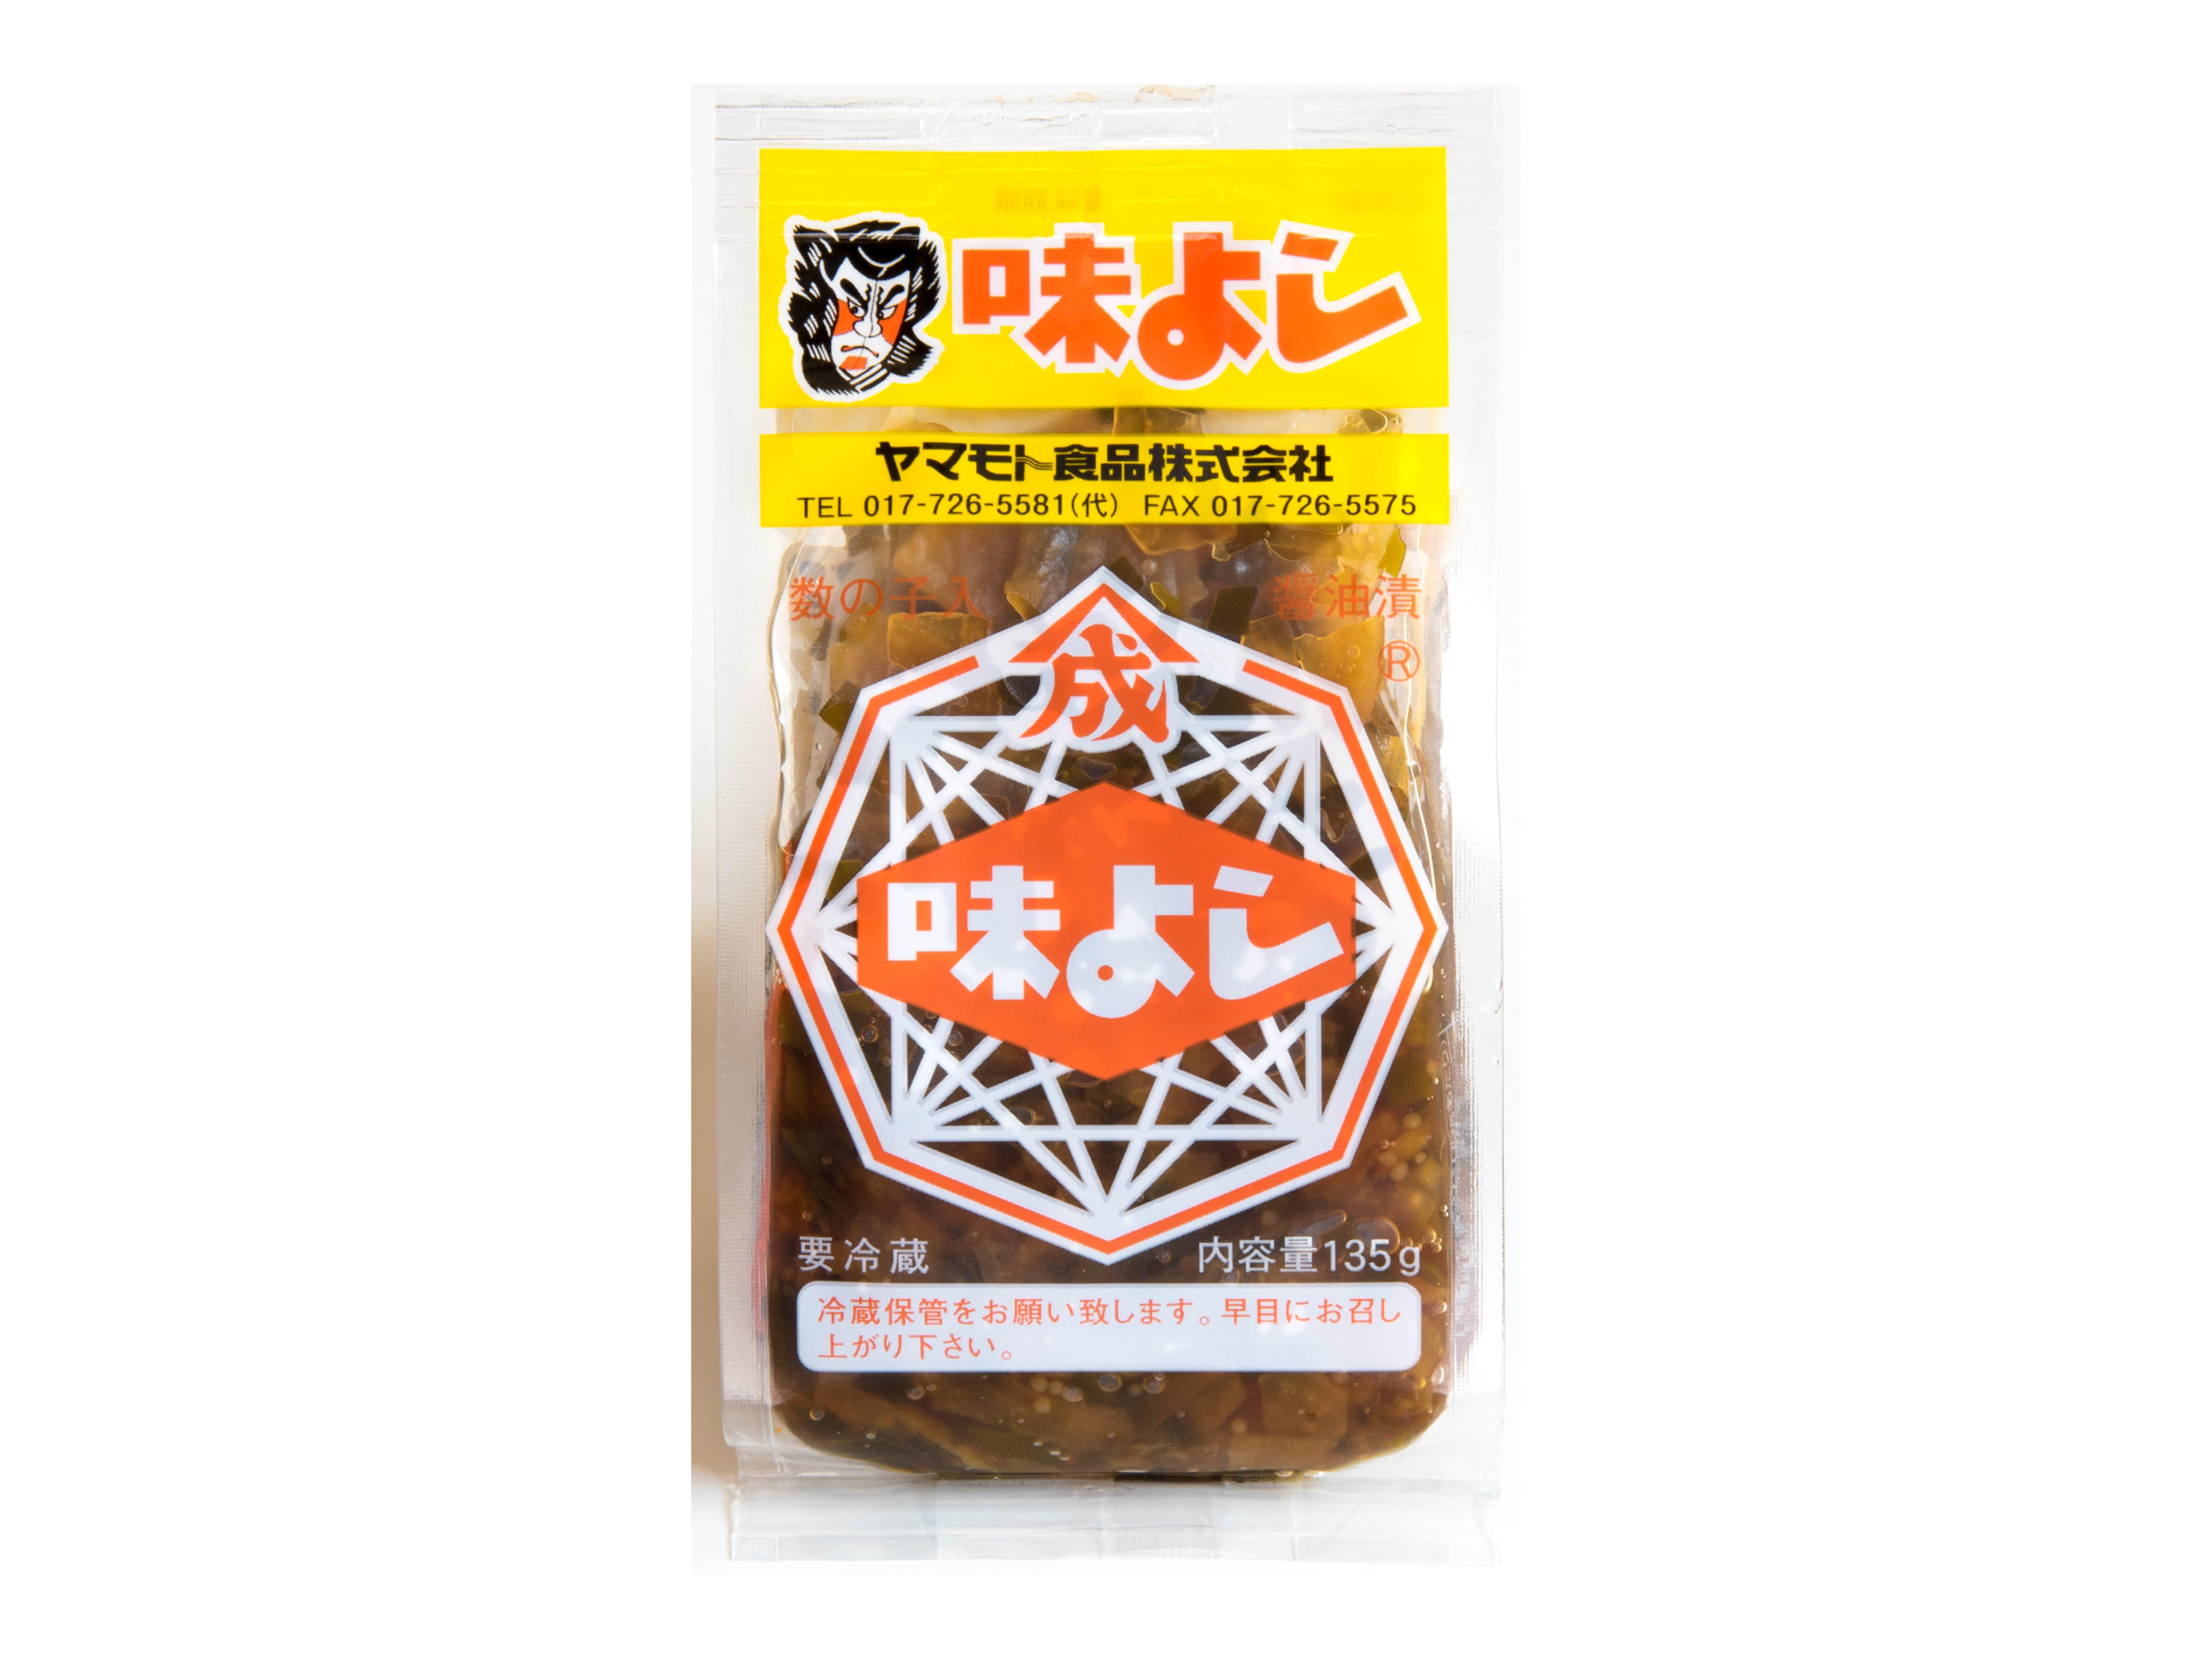 味よし(135g)